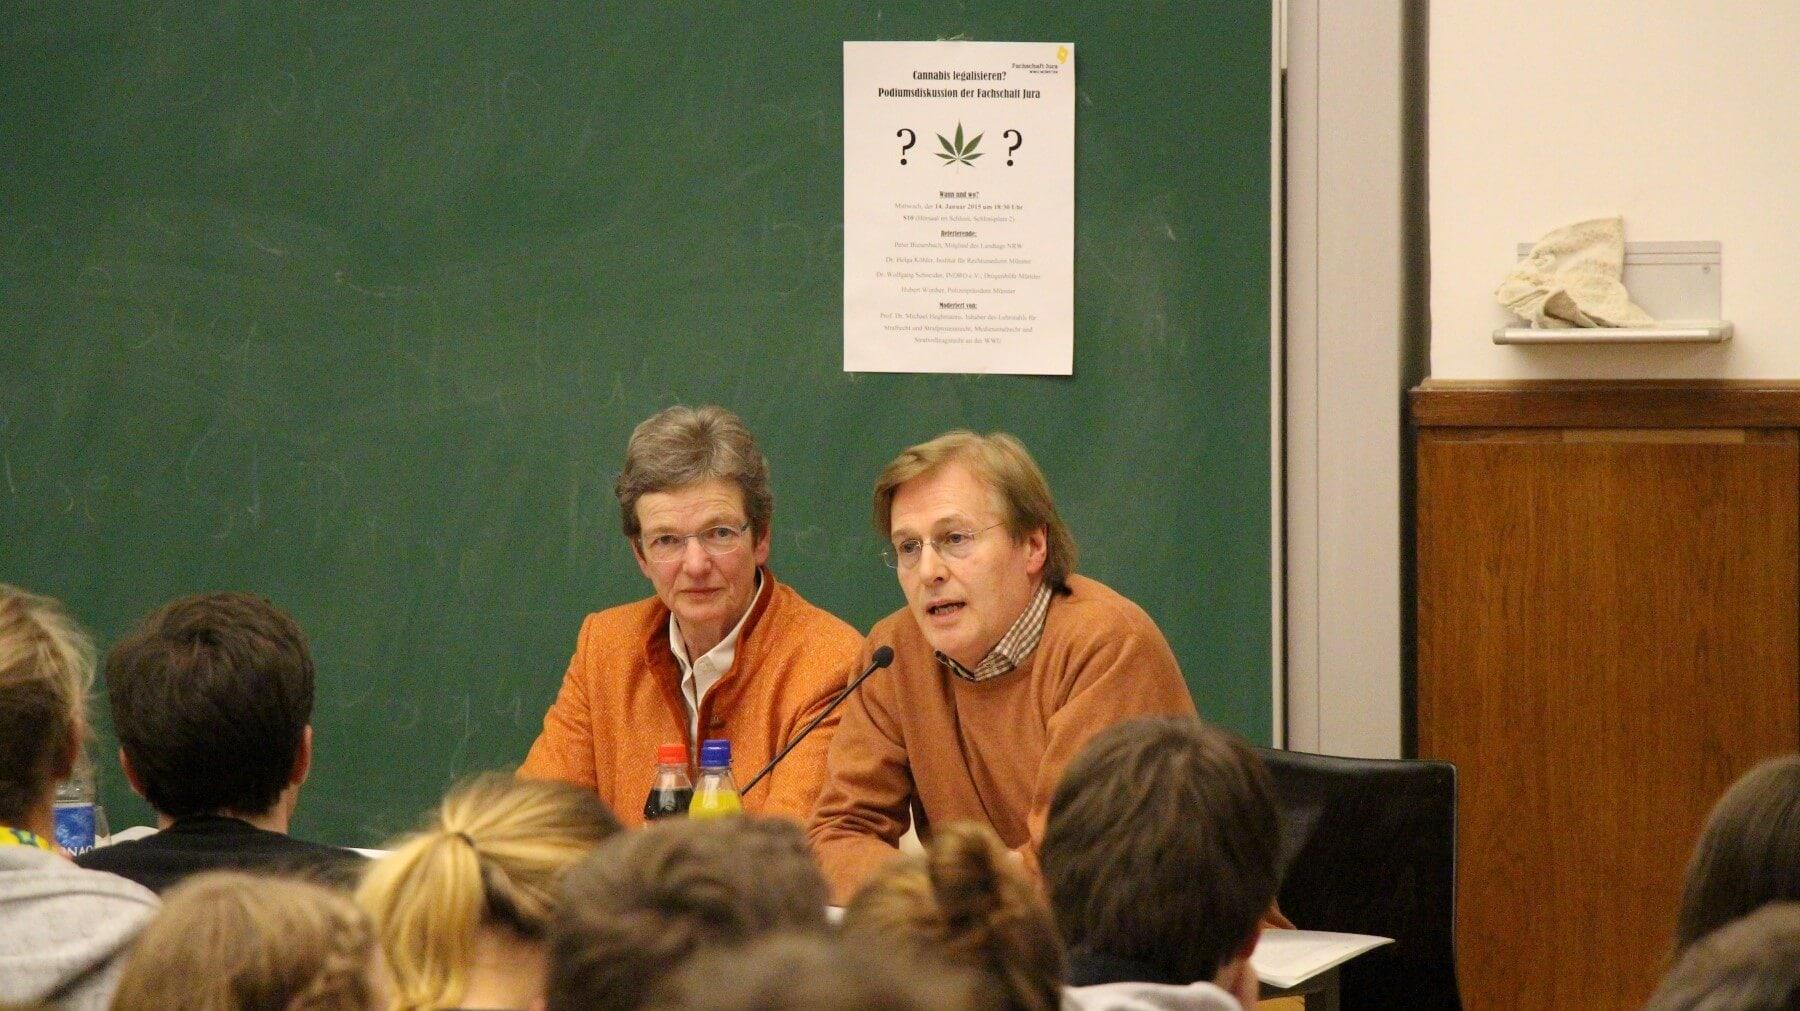 Prohibionisten: Peter Biesenbeck, CDU MdL NRW